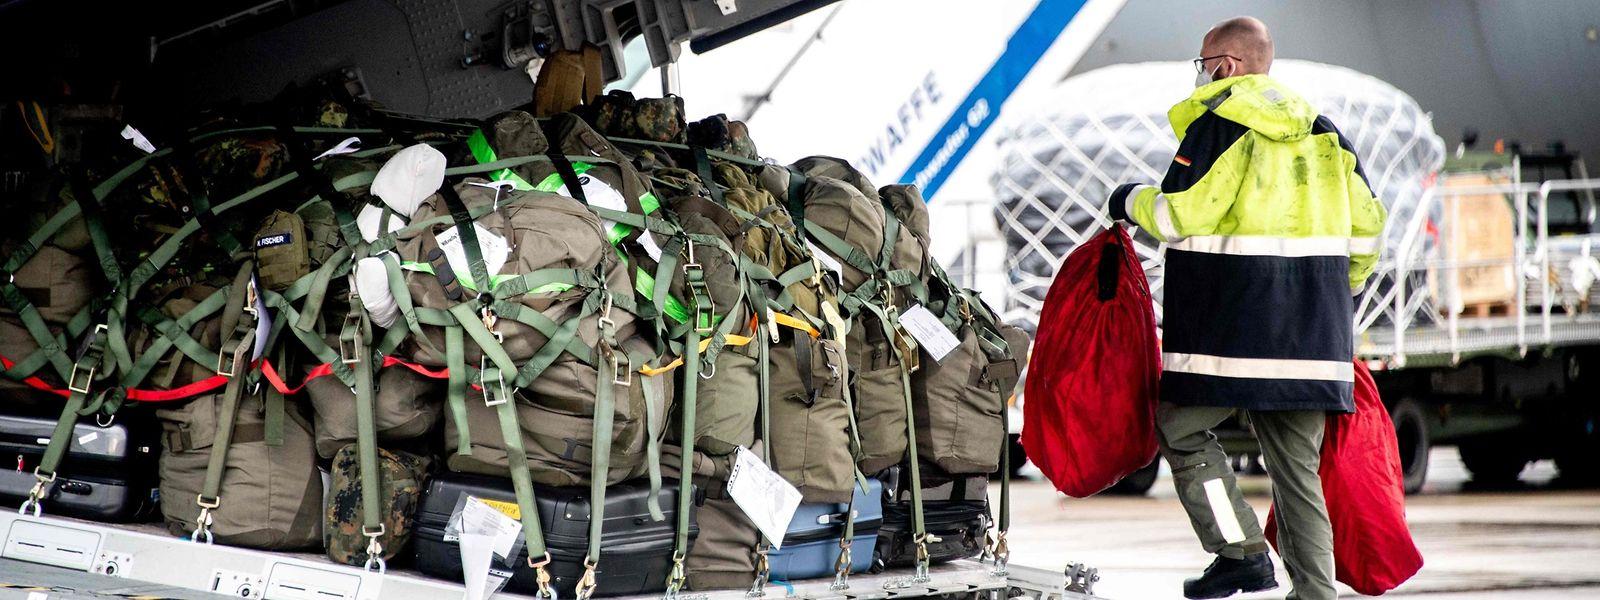 Pour venir en aide aux hôpitaux portugais, l'Allemagne a également envoyé mercredi une équipe de 26 médecins et infirmiers militaires.